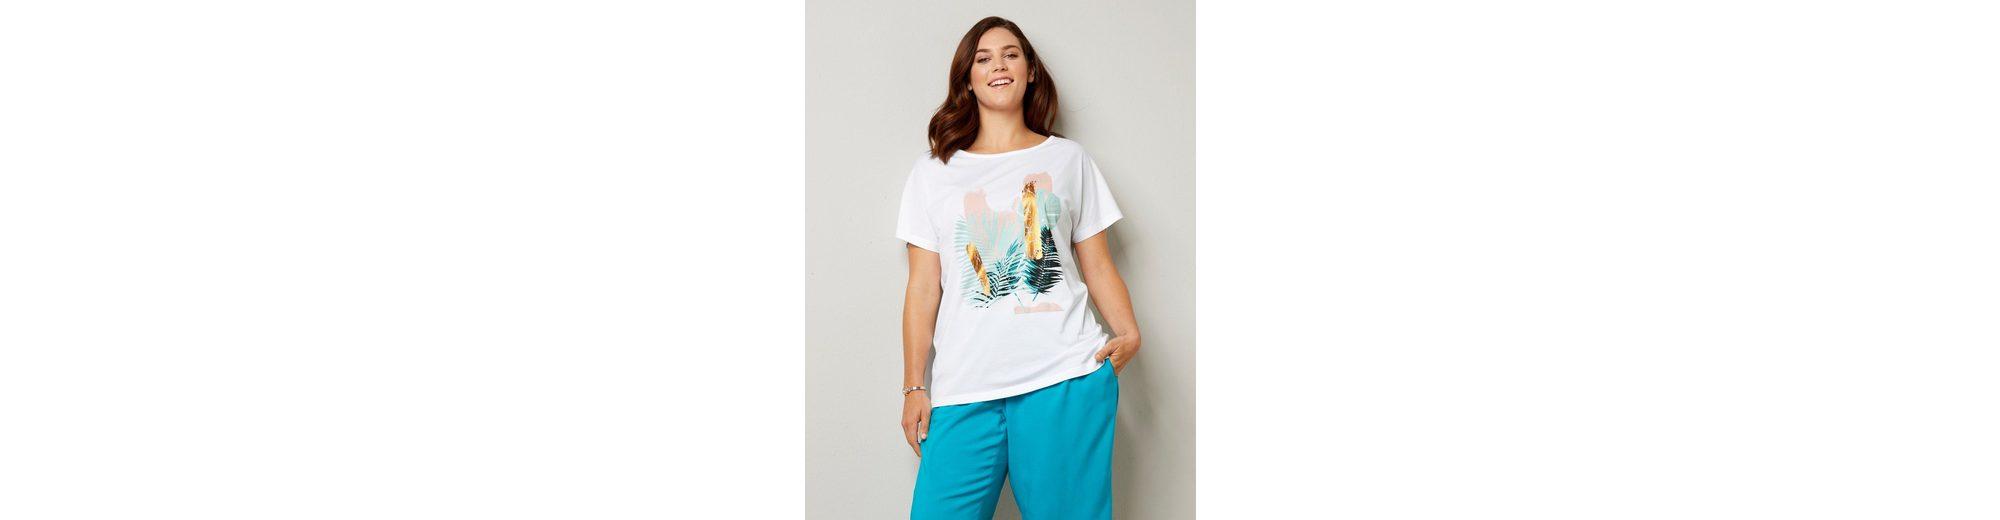 Freie Versandpreise Janet und Joyce by Happy Size Shirt mit Frontprint Meistverkauft Billig Verkauf Websites 0Ymhs